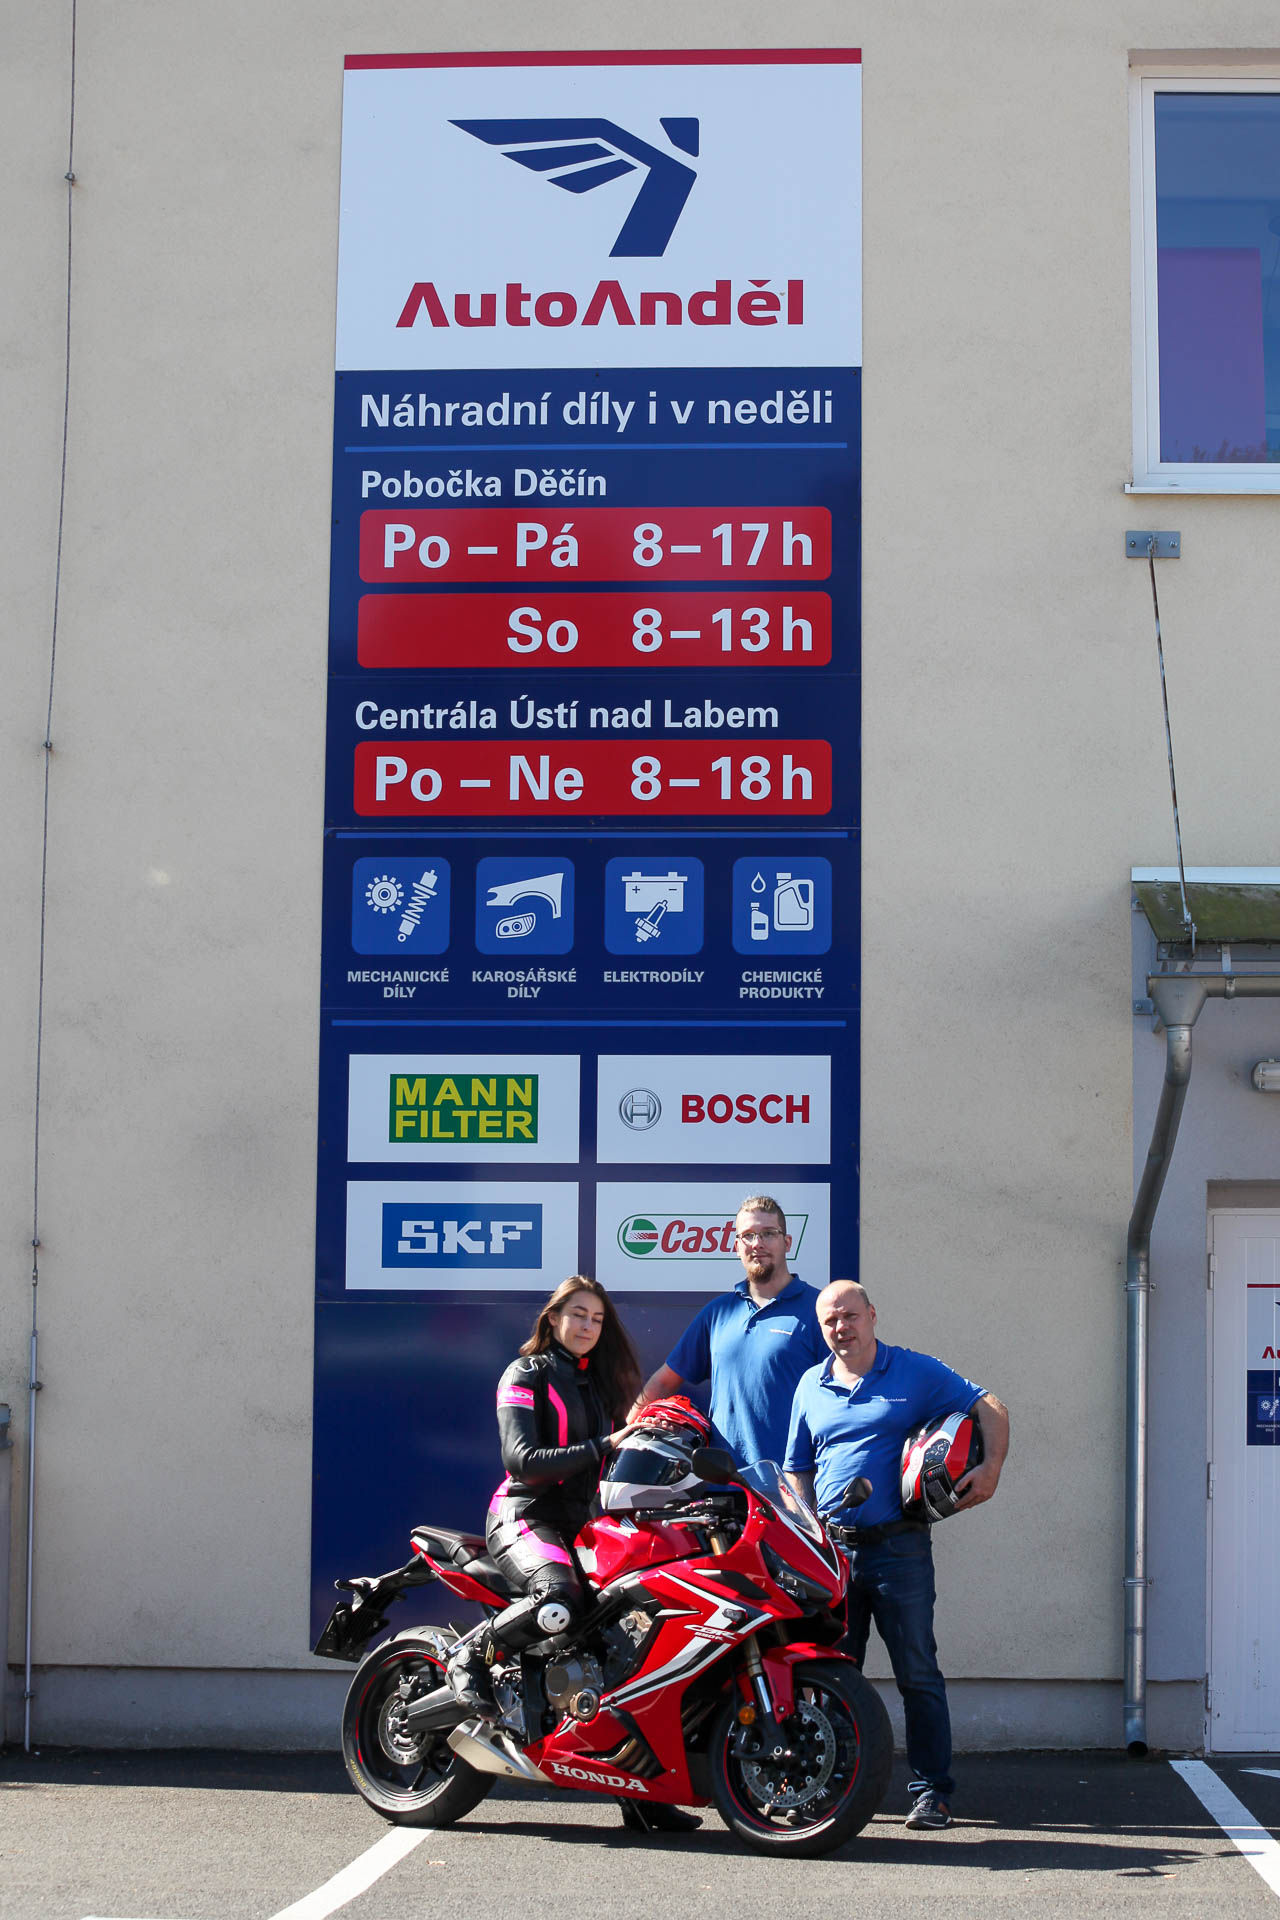 Pobočka Děčín fotogalerie 1